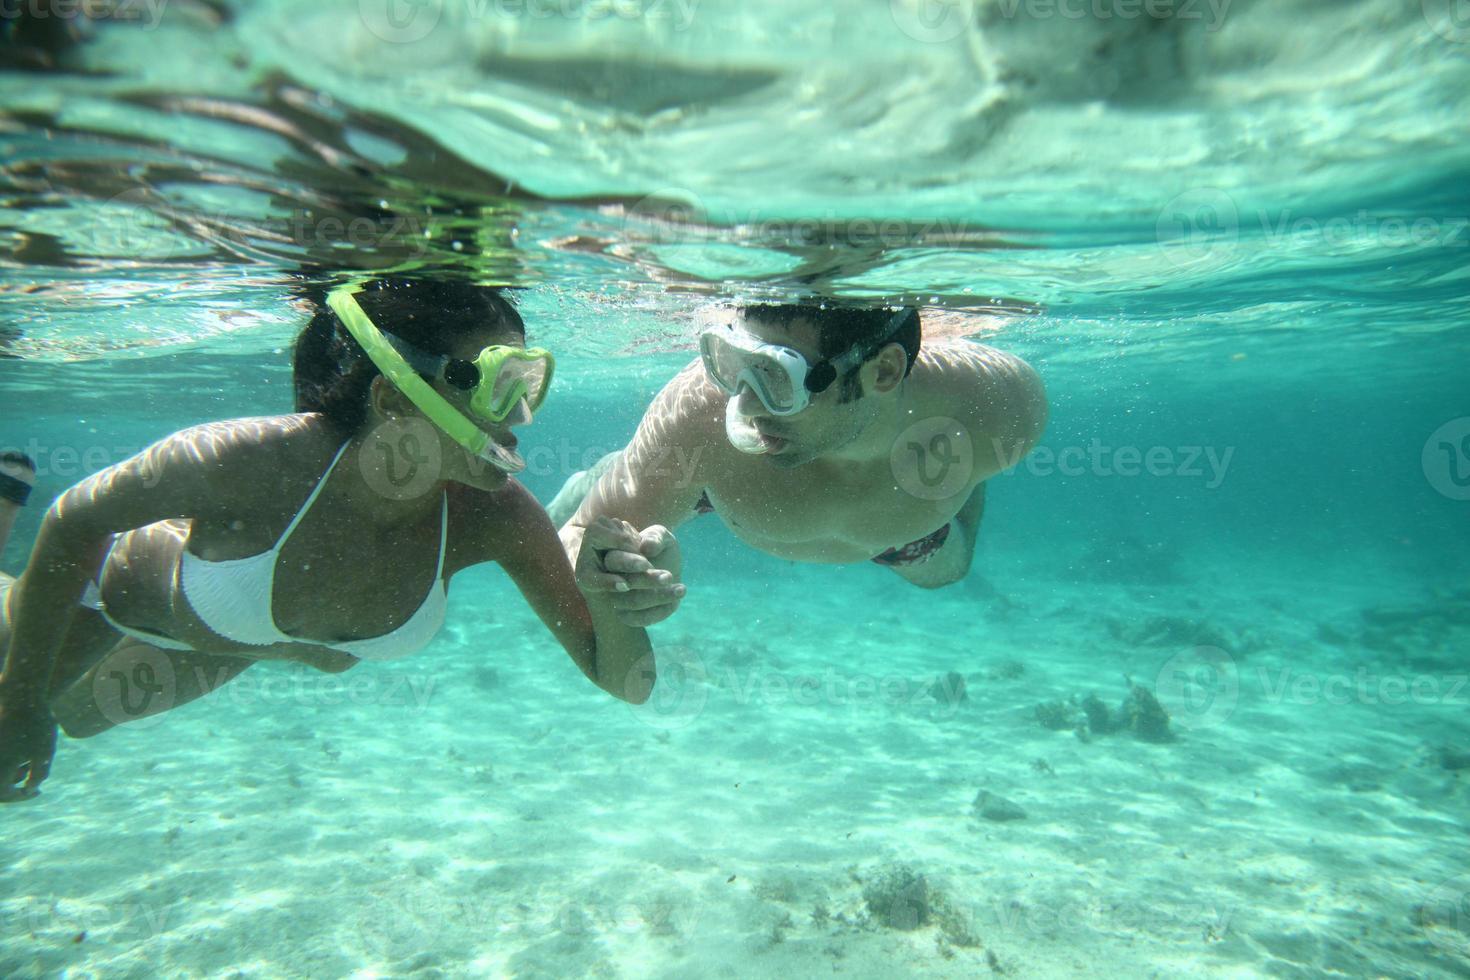 Foto subacuática de snorkel en pareja